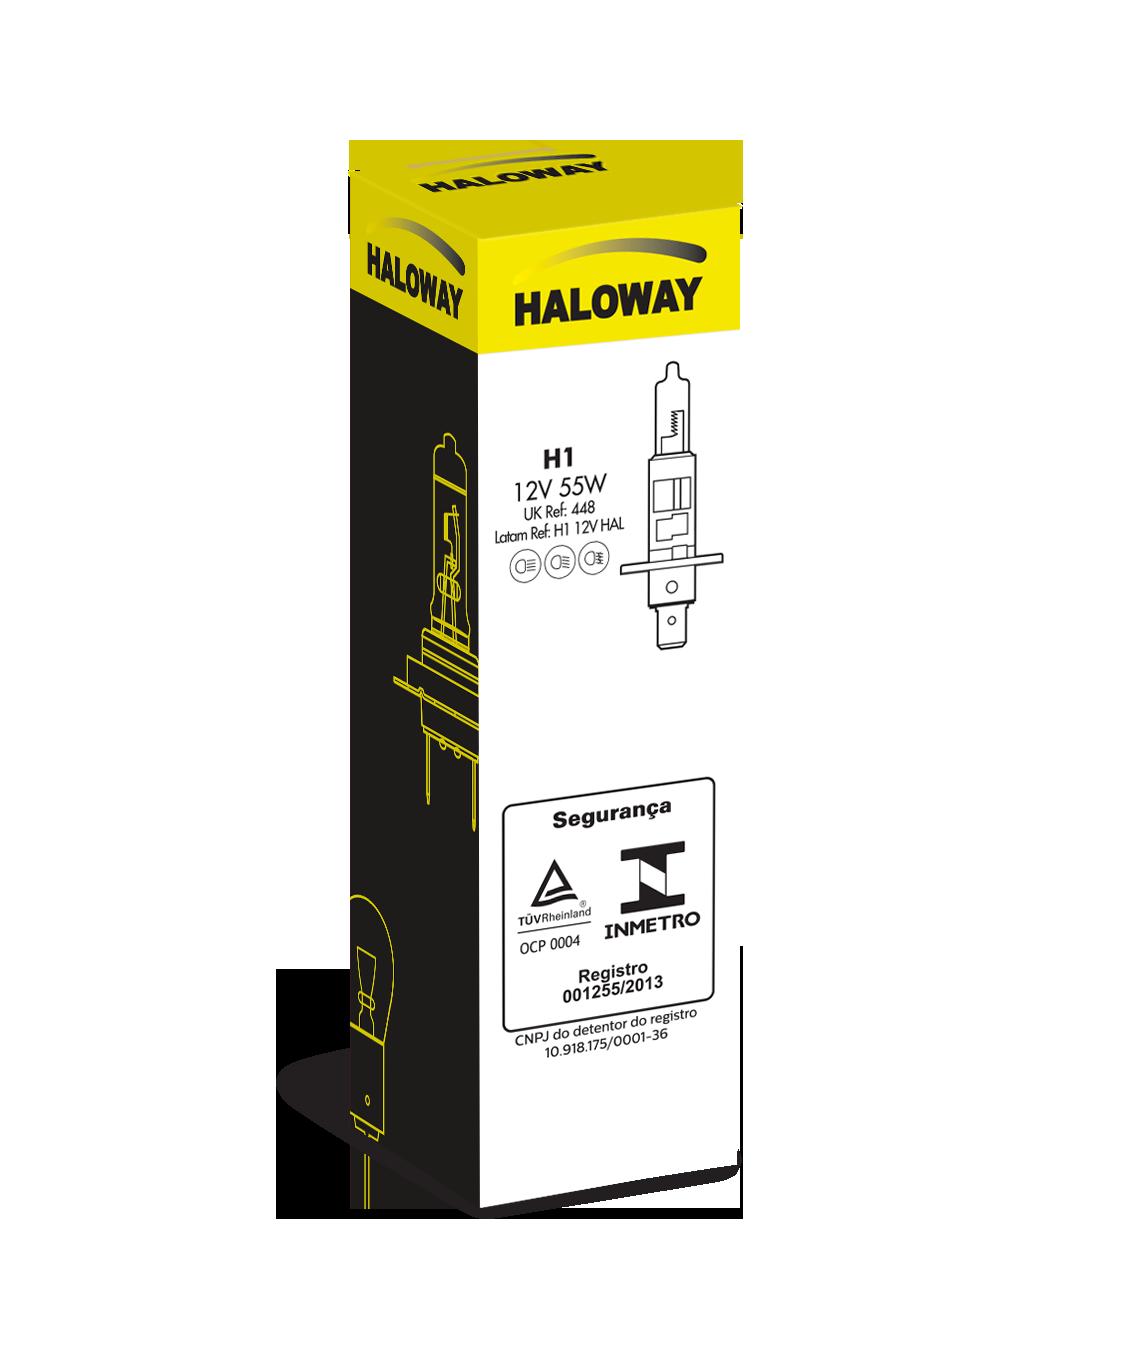 H1 12V HAL